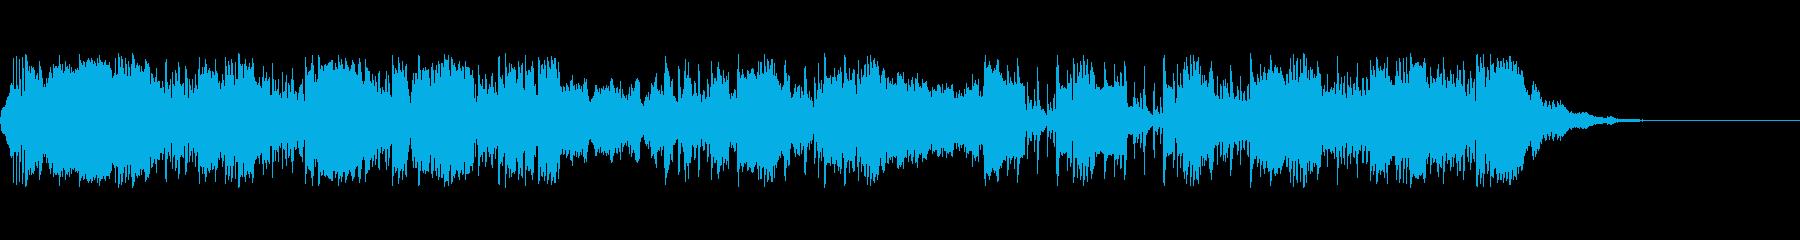 クールジャングルIDベッド1の再生済みの波形